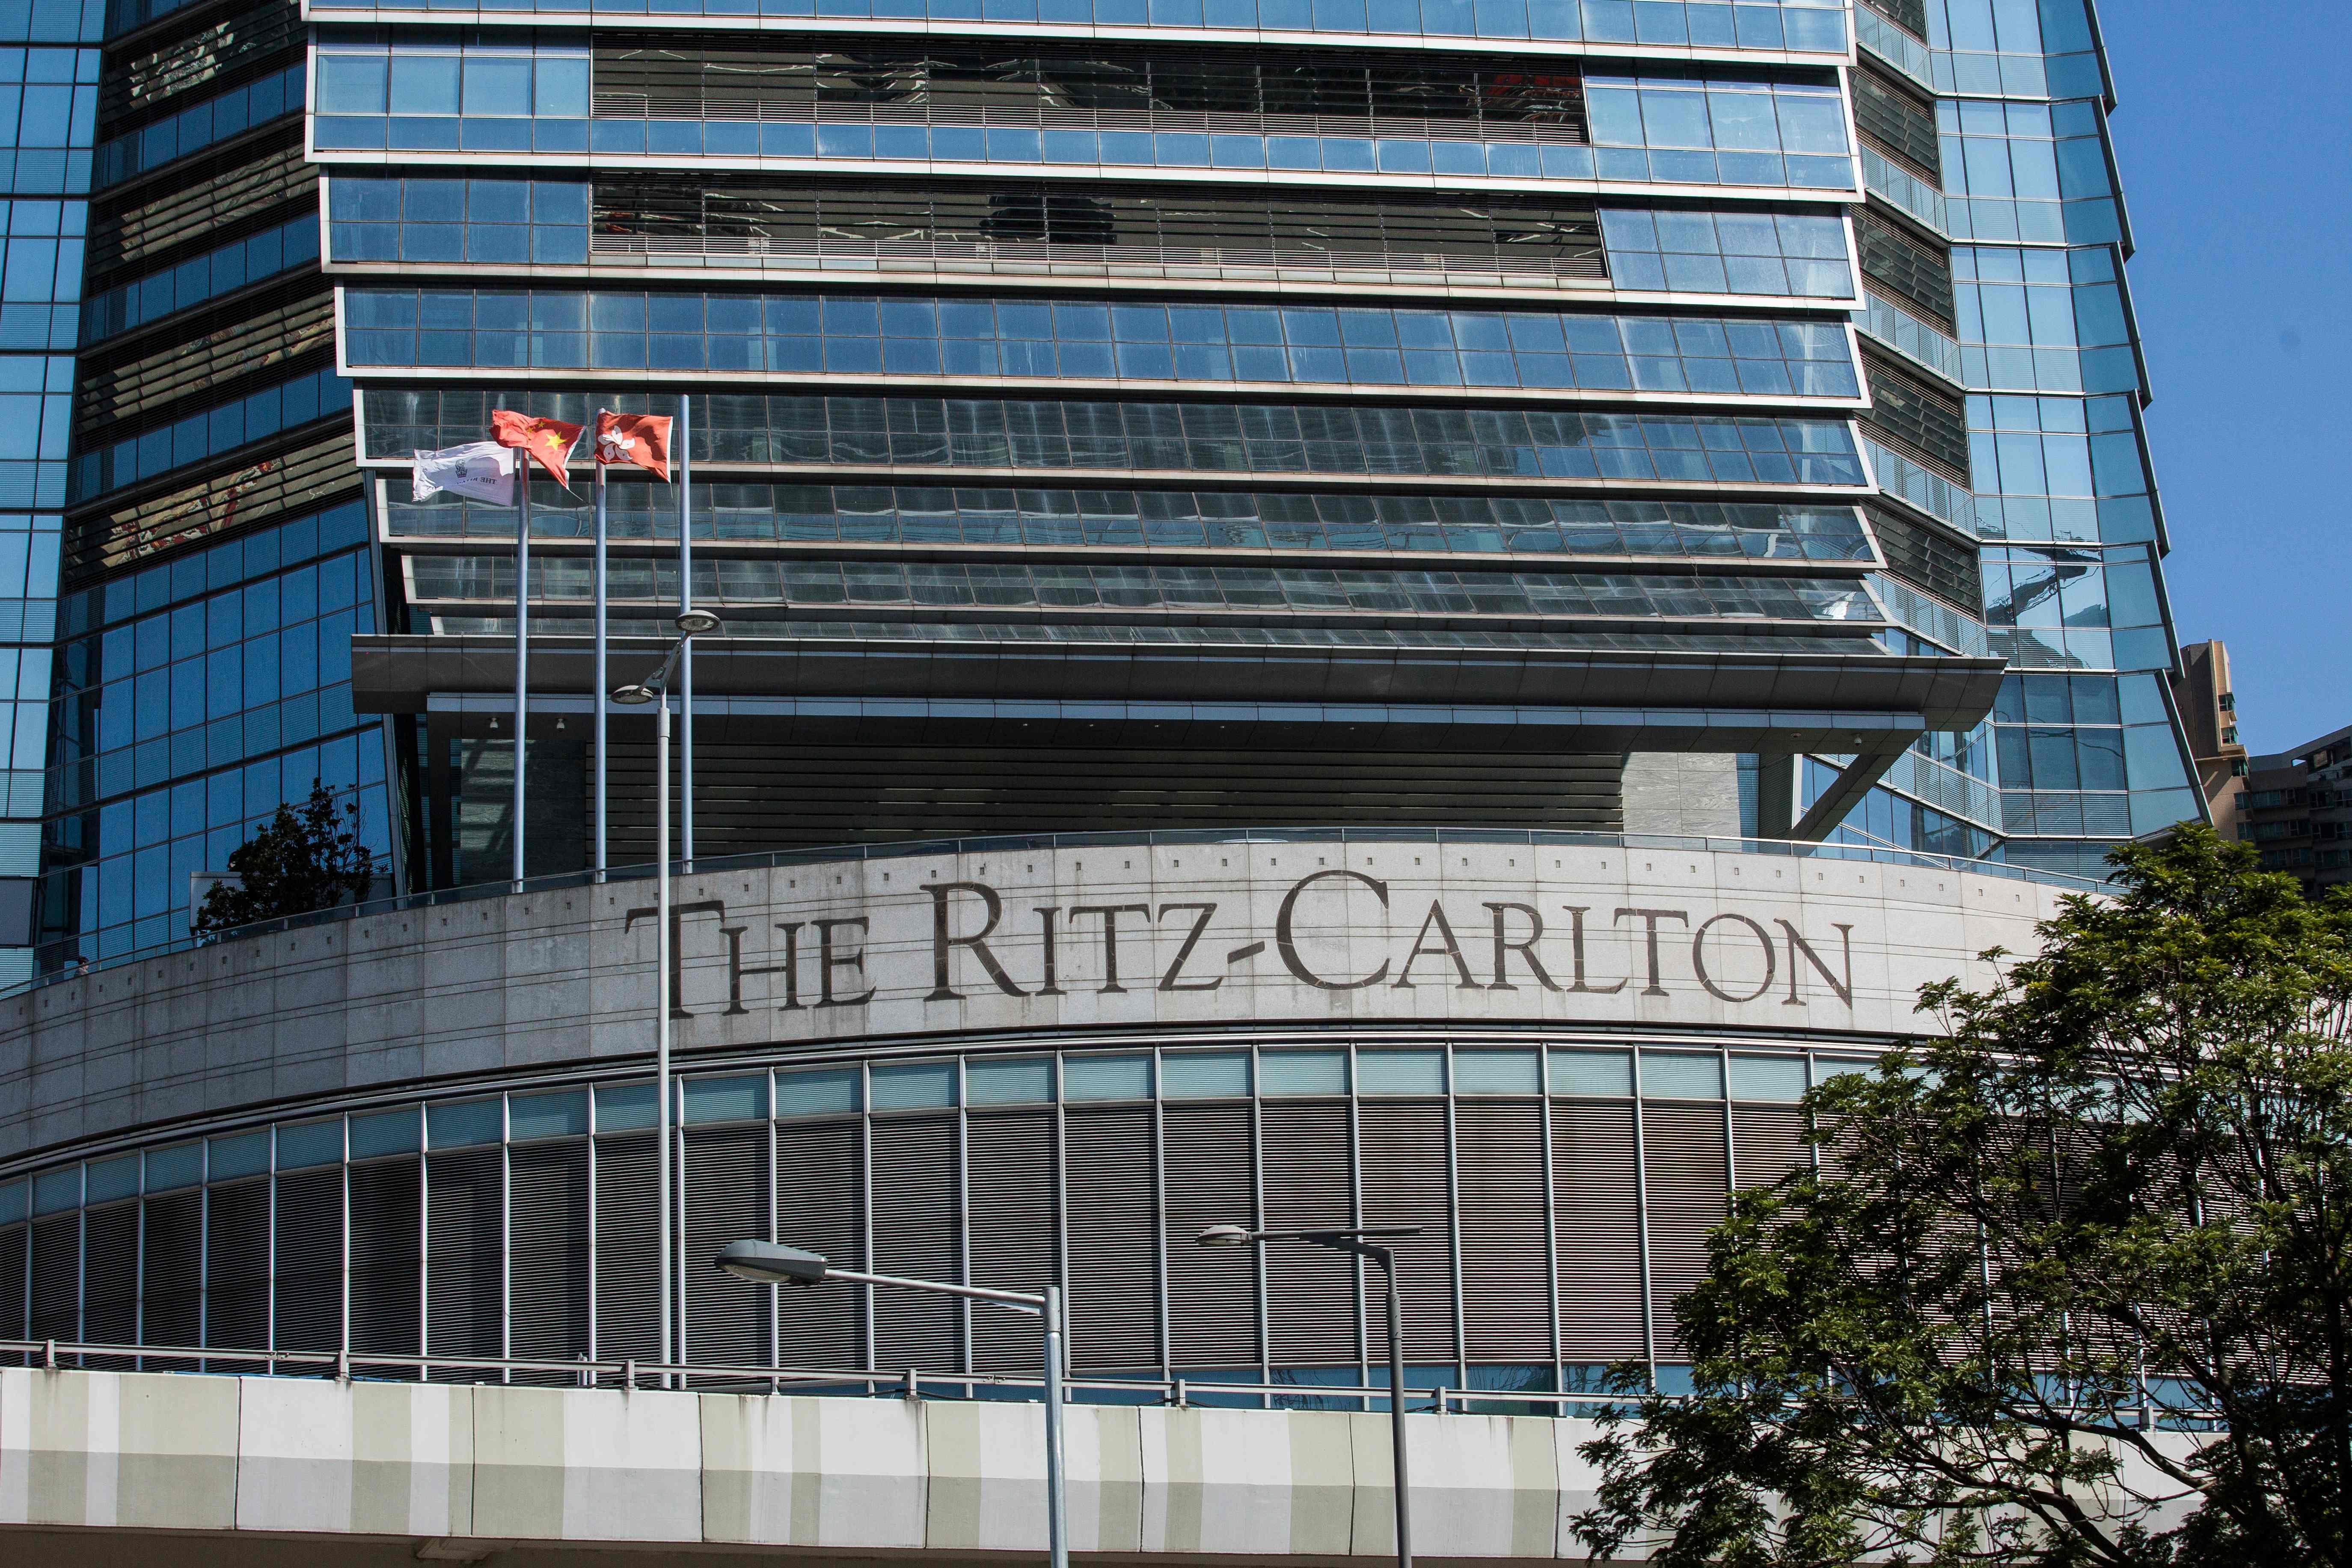 جريمة قتل فى ريتز كارلتون